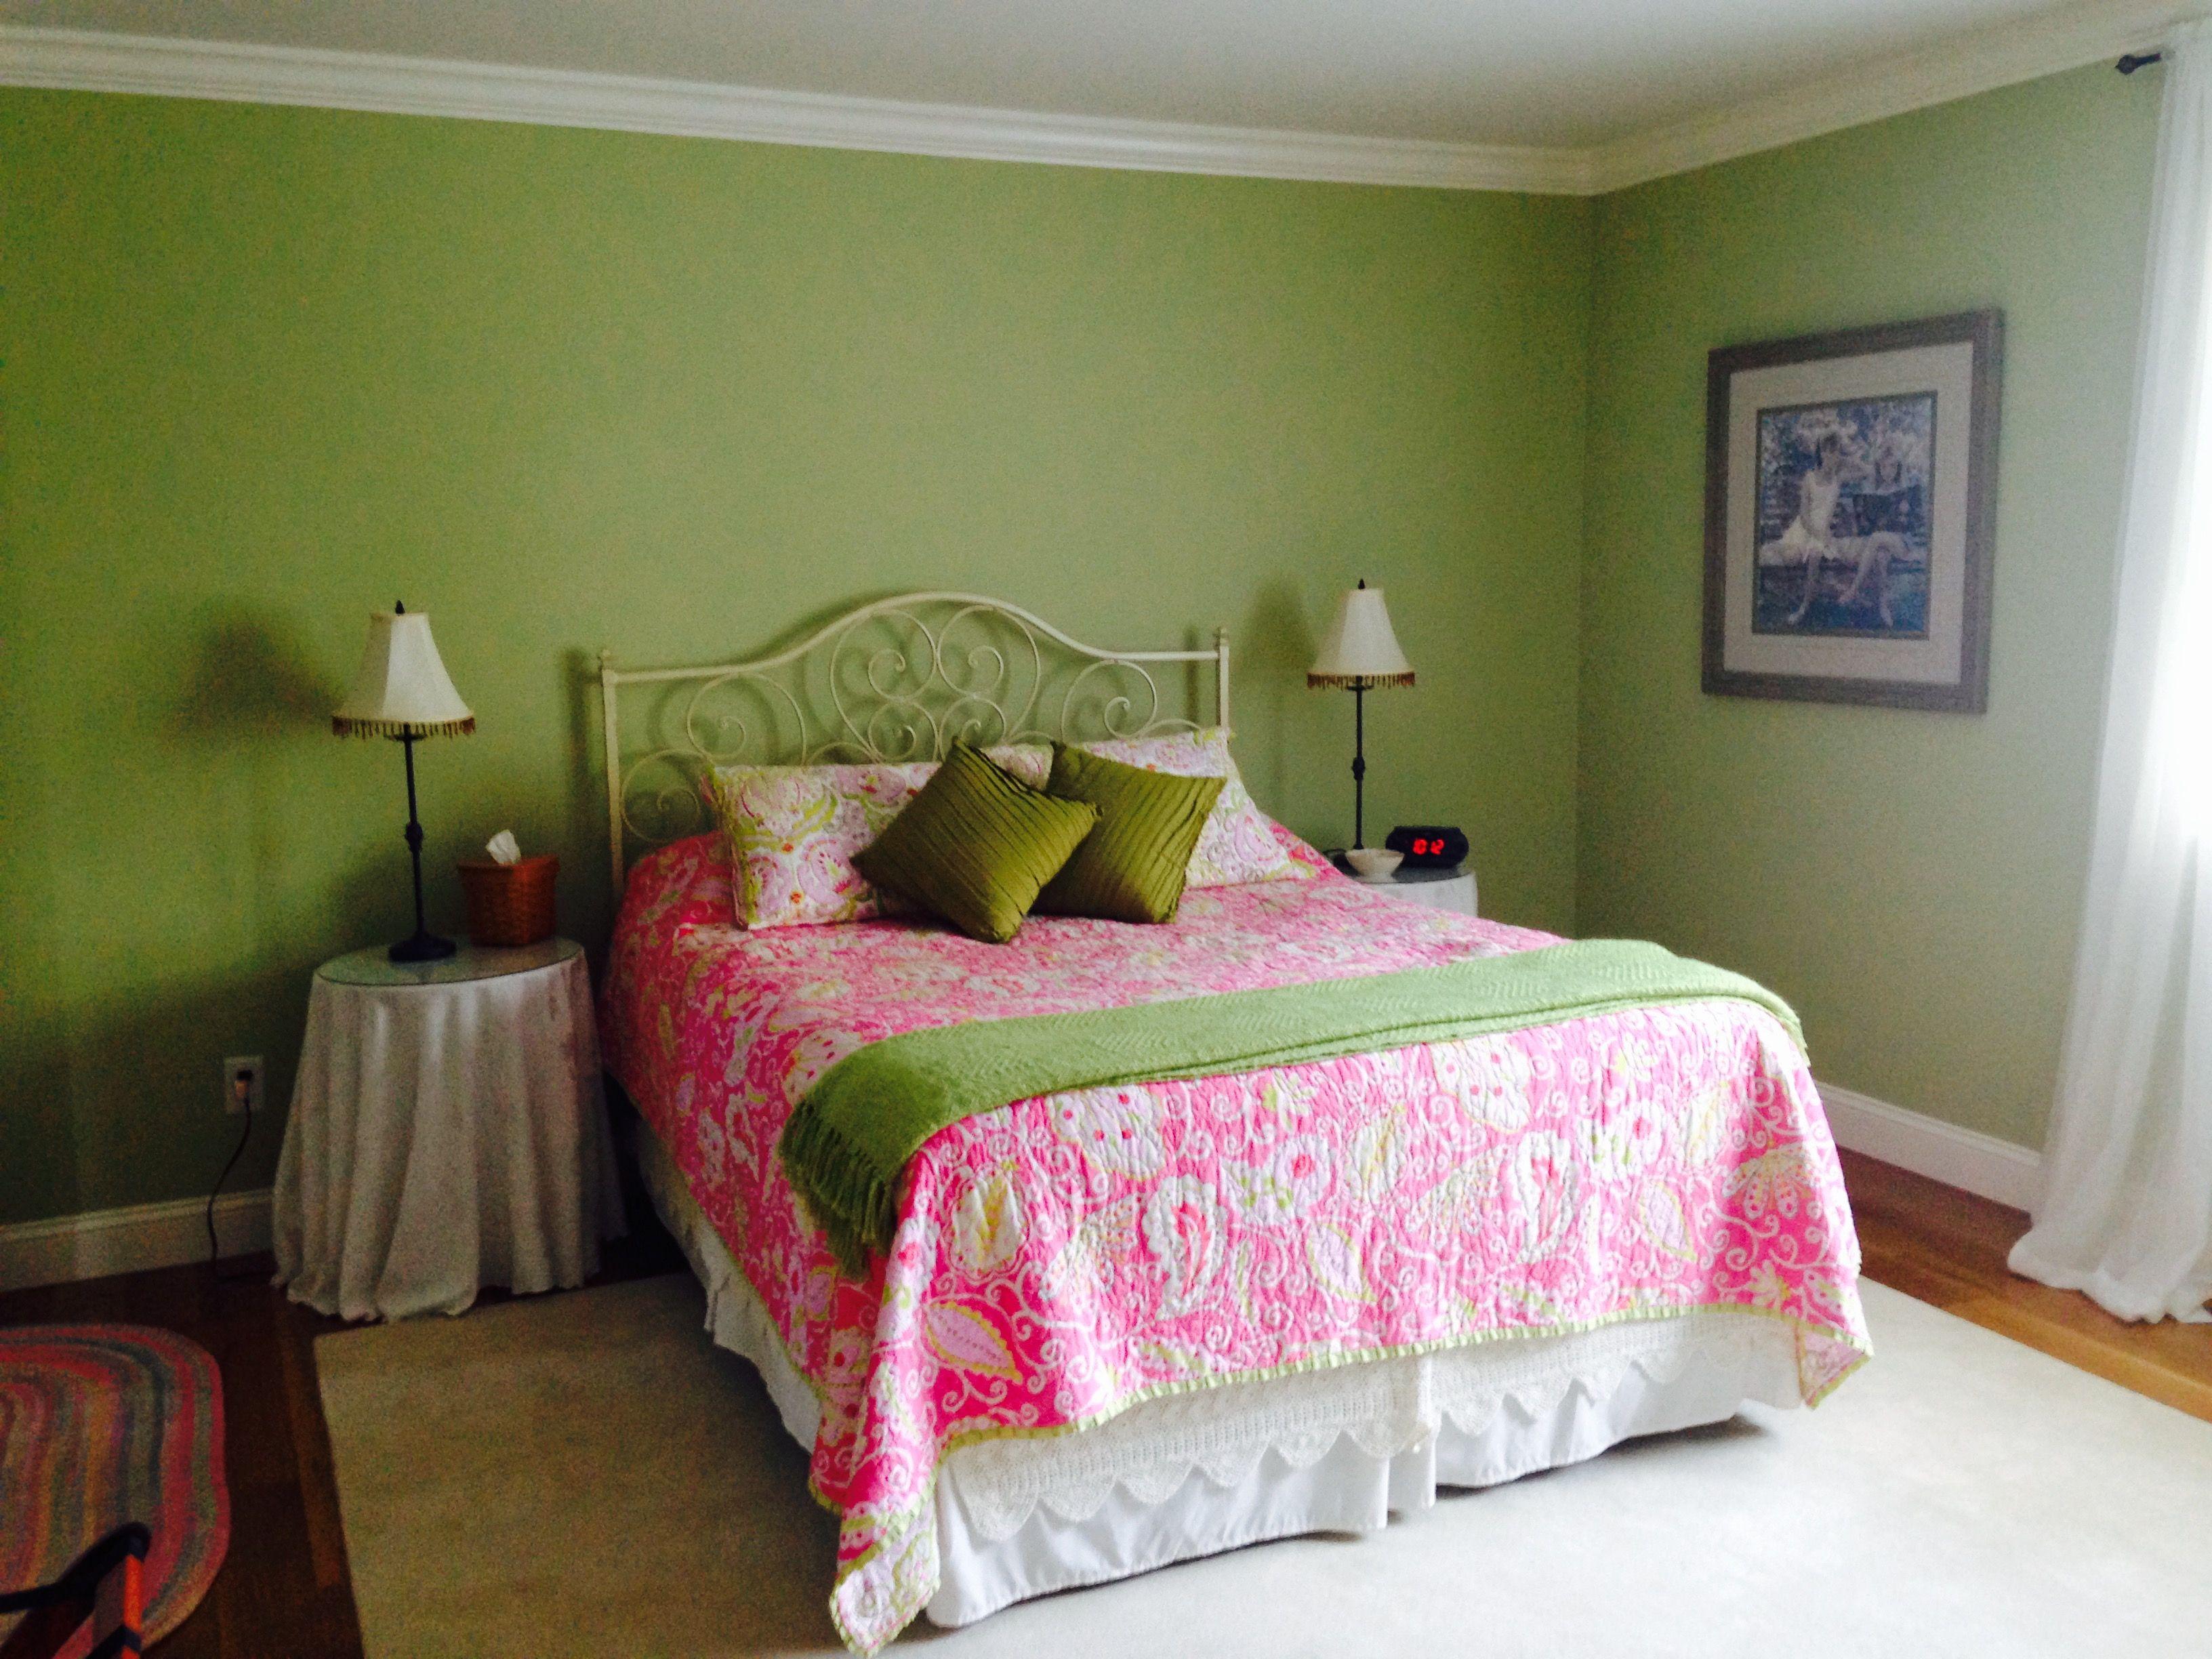 Guest Room 2 View 3 Paint Benjamin Moore Peaceful Garden Csp 830 Headboard From Pier 1